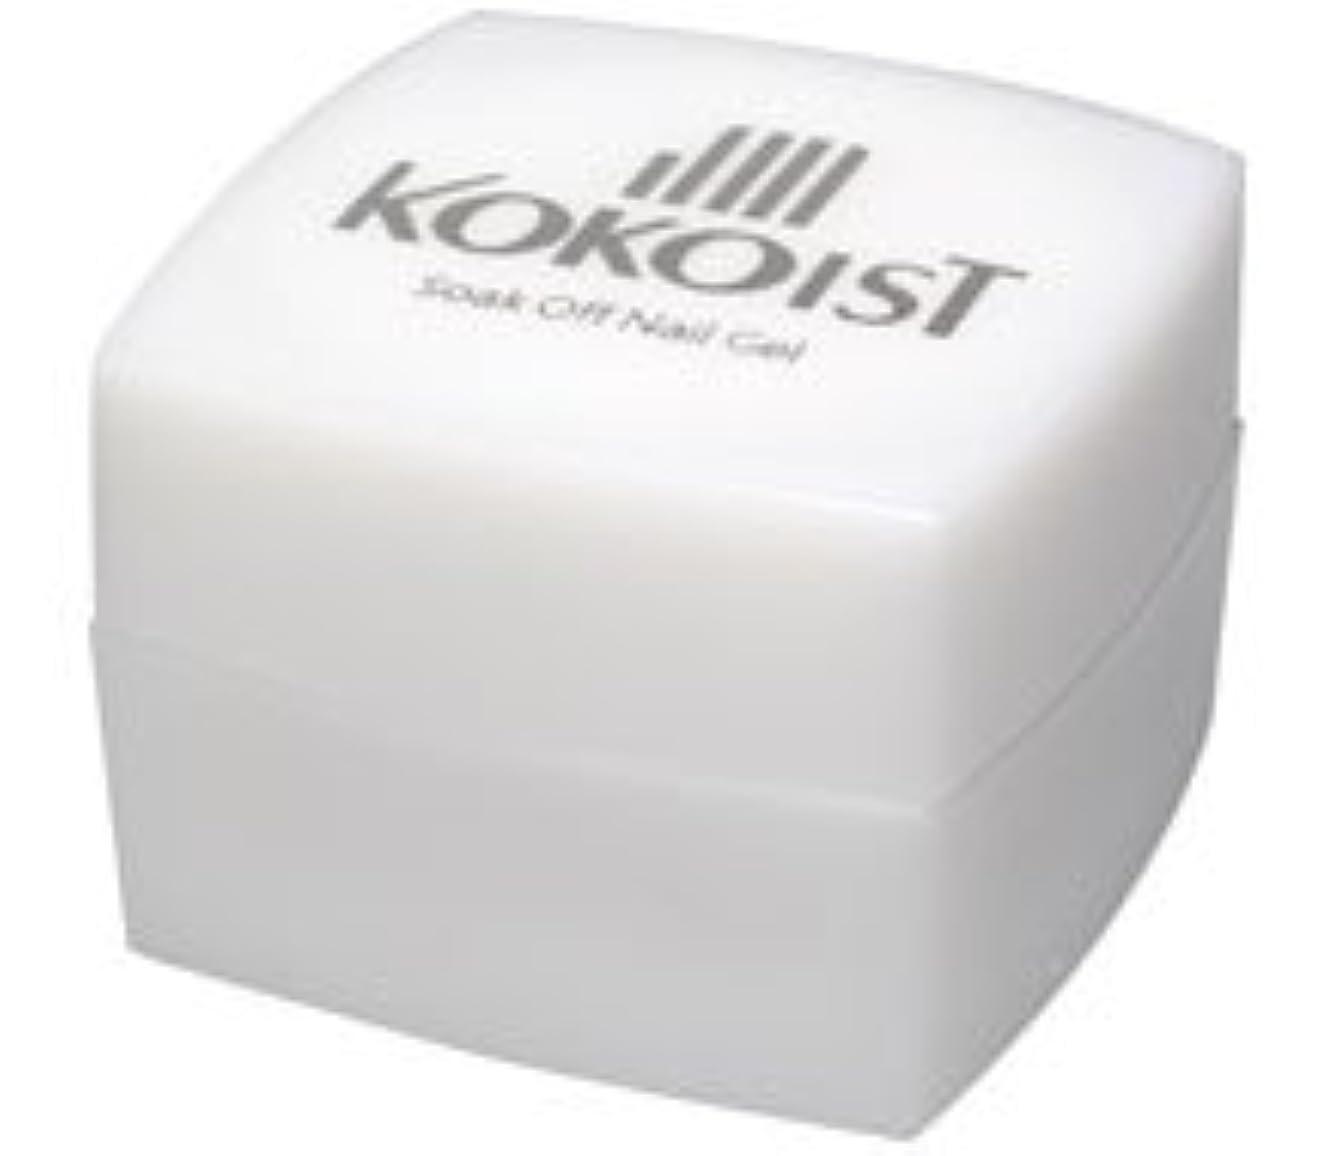 テーマ固める代わりにKOKOIST(ココイスト) ソークオフ クリアジェル プラチナボンドII 4g